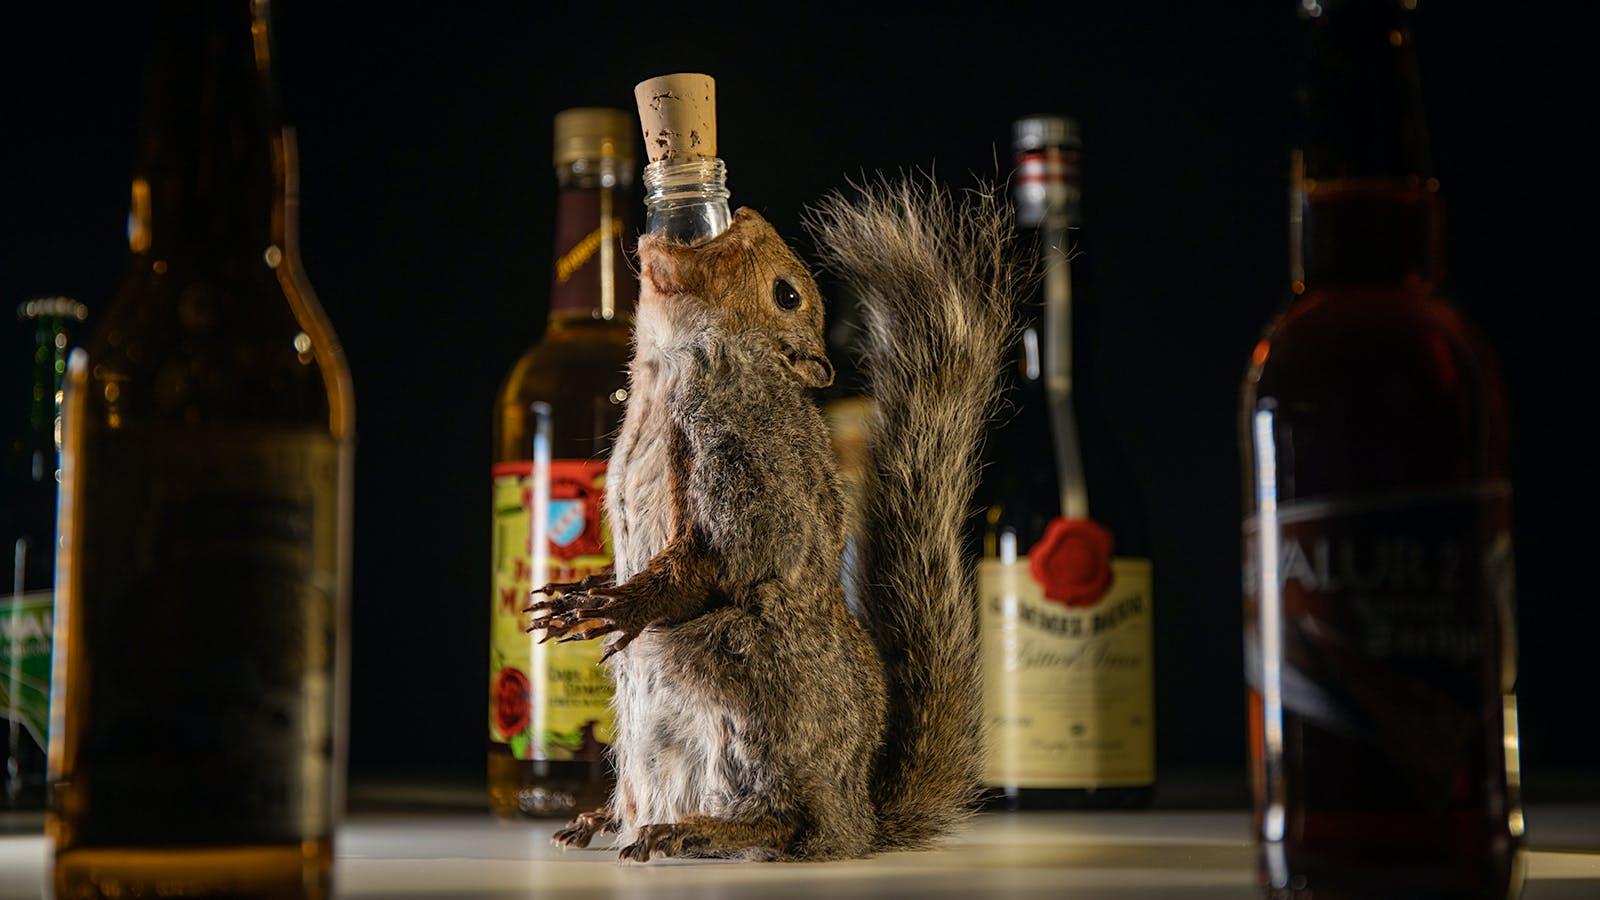 Squirrel Beer, Fish Whiskey, Poop Wine: 'Disgusting Food Museum' Opens Disgusting Drinks Exhibition